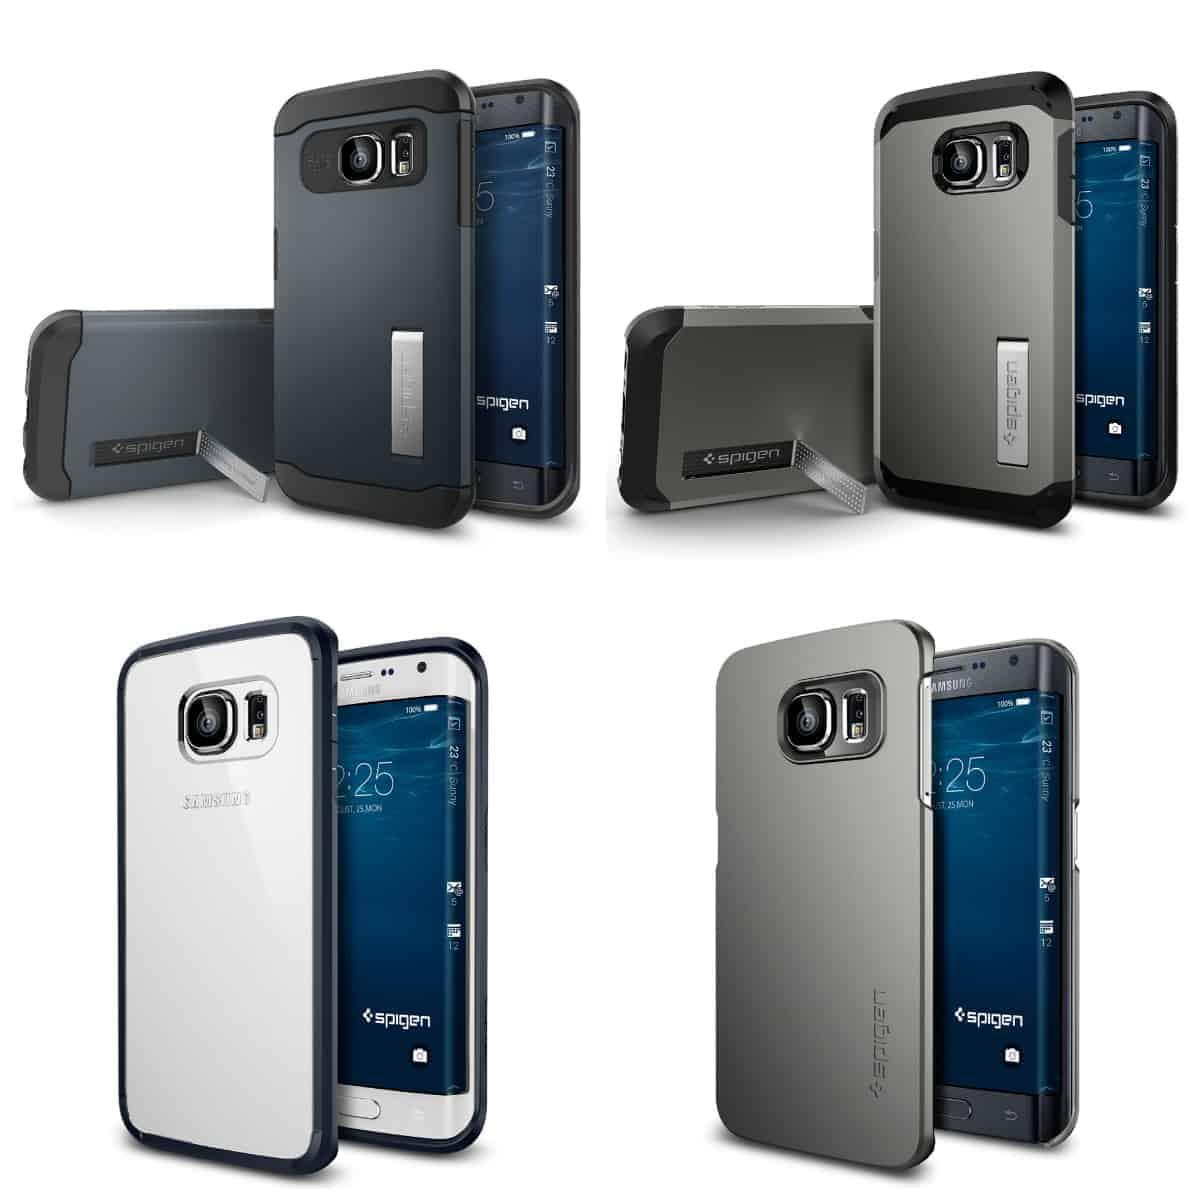 Samsung Galaxy S6 Edge Spigen case pre-launch